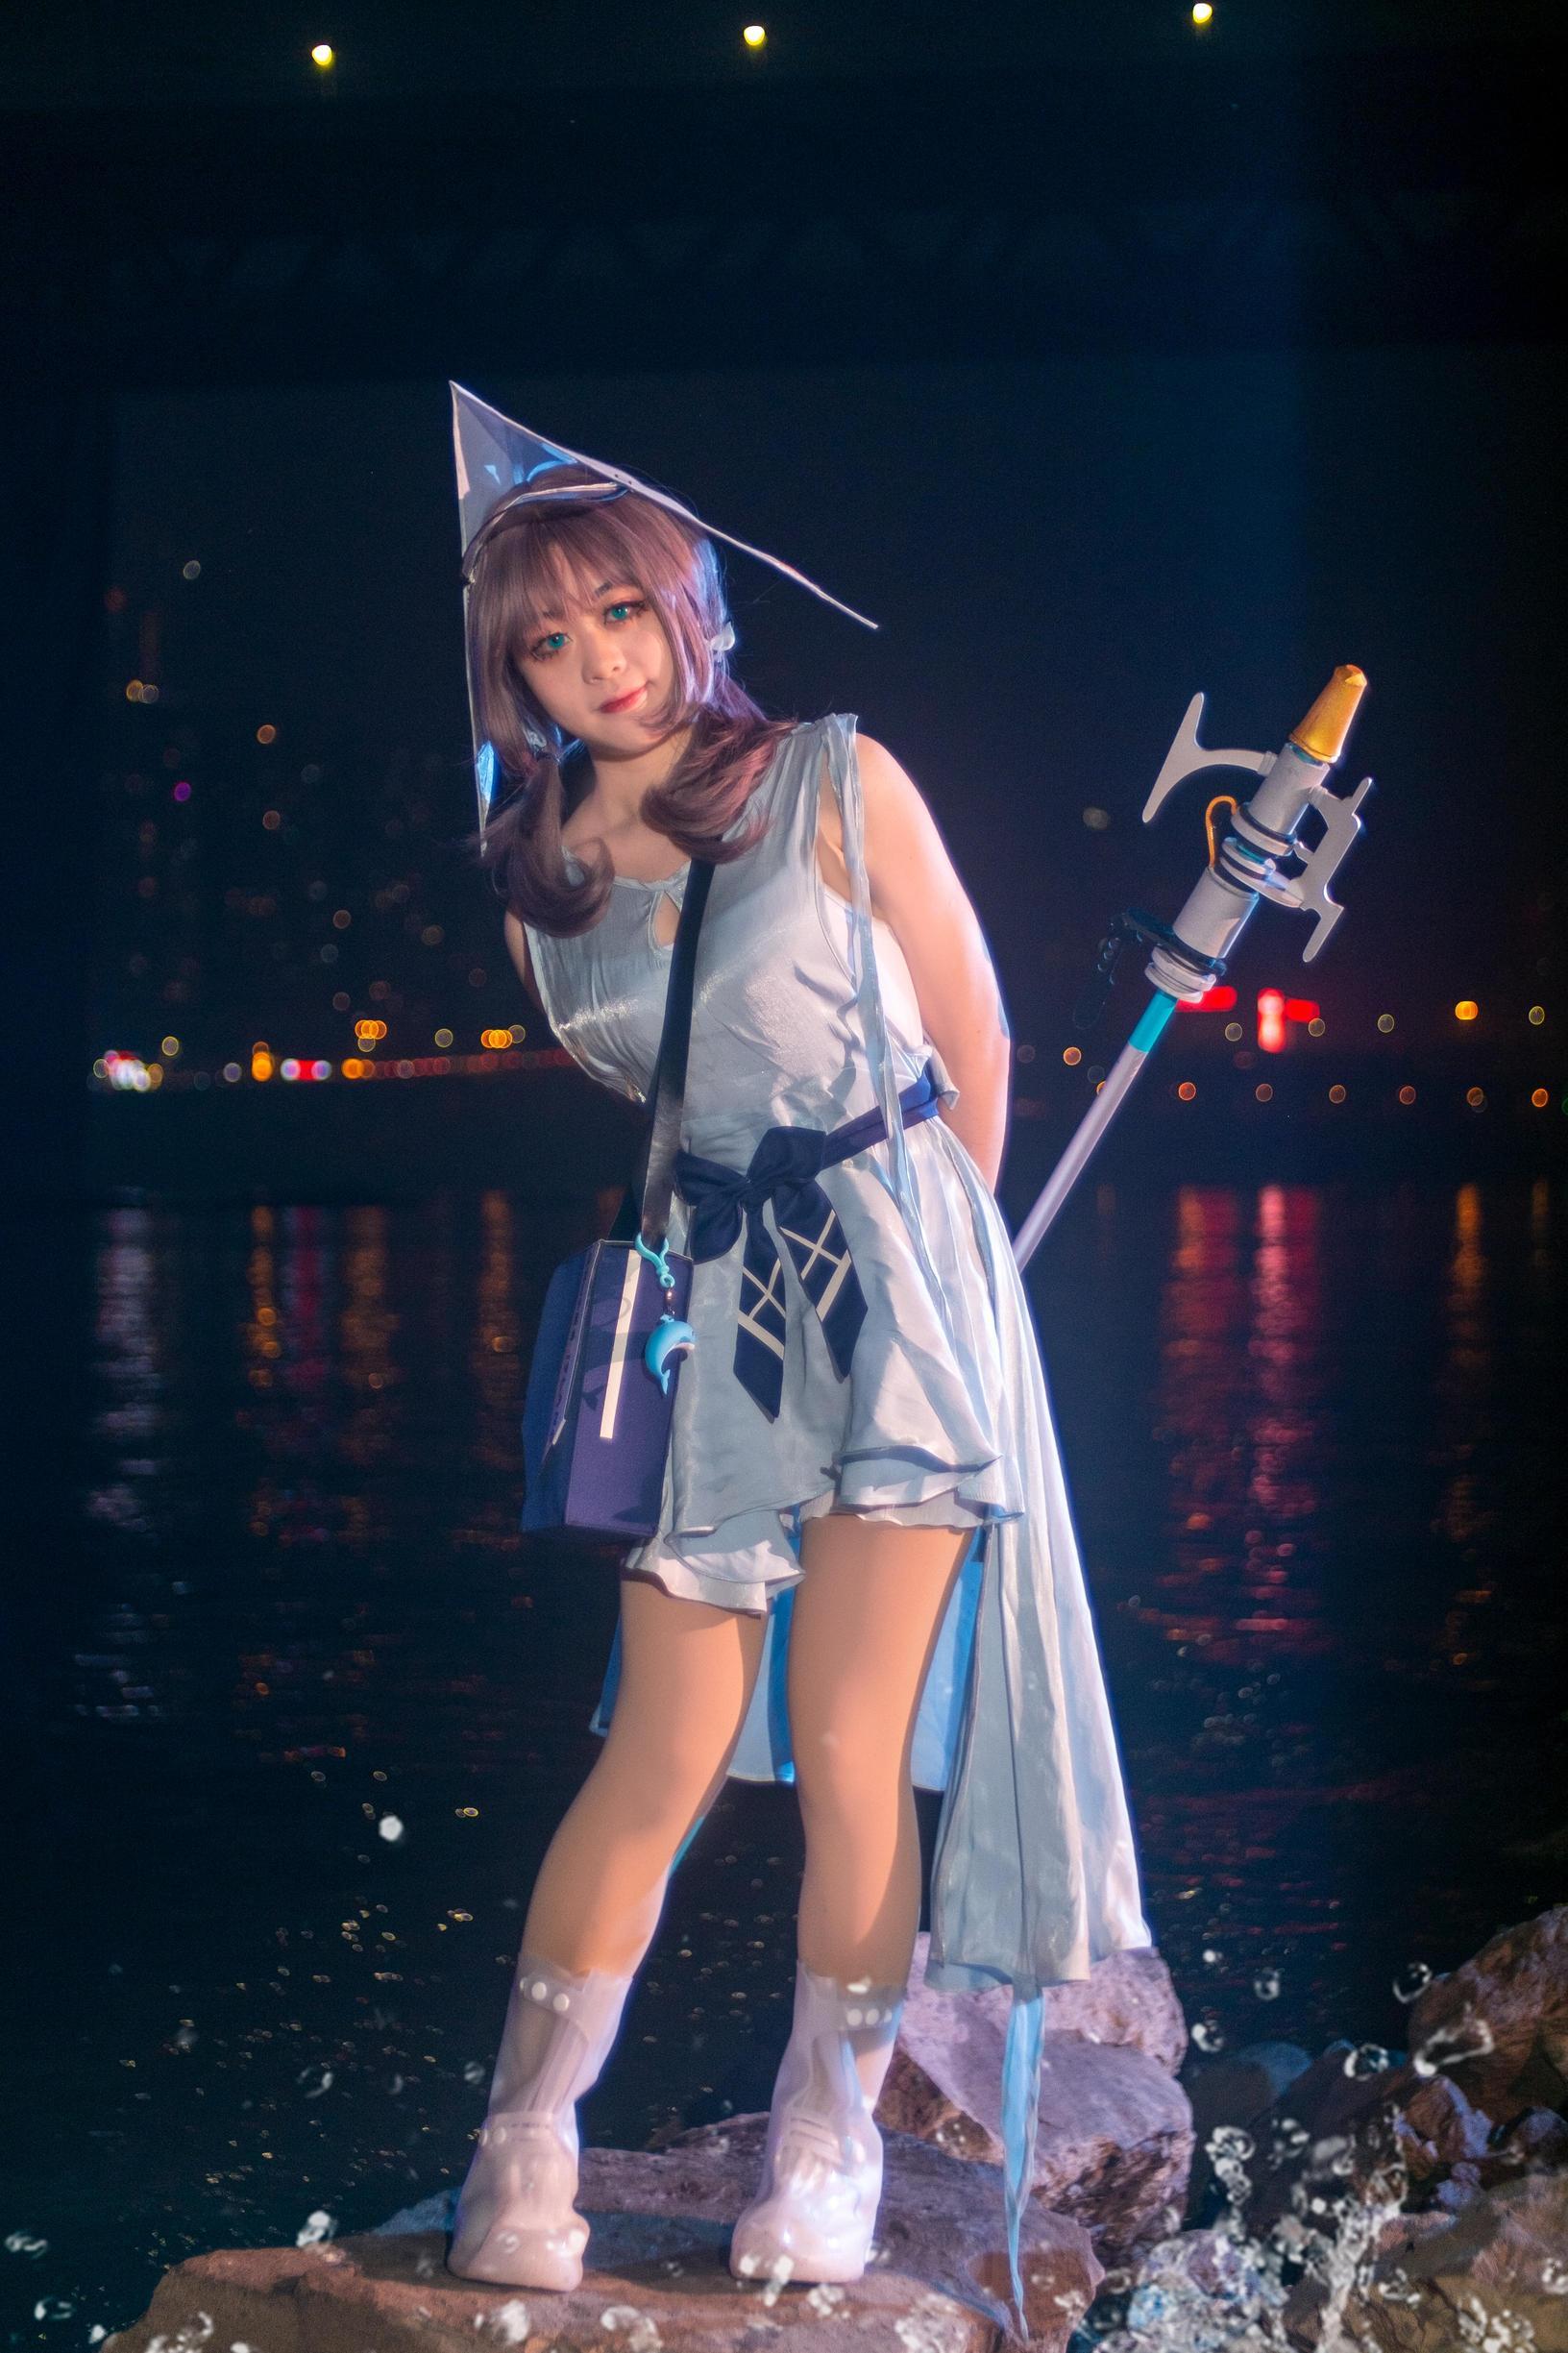 《明日方舟》正片cosplay【CN:星熊的小娇妻】-第4张